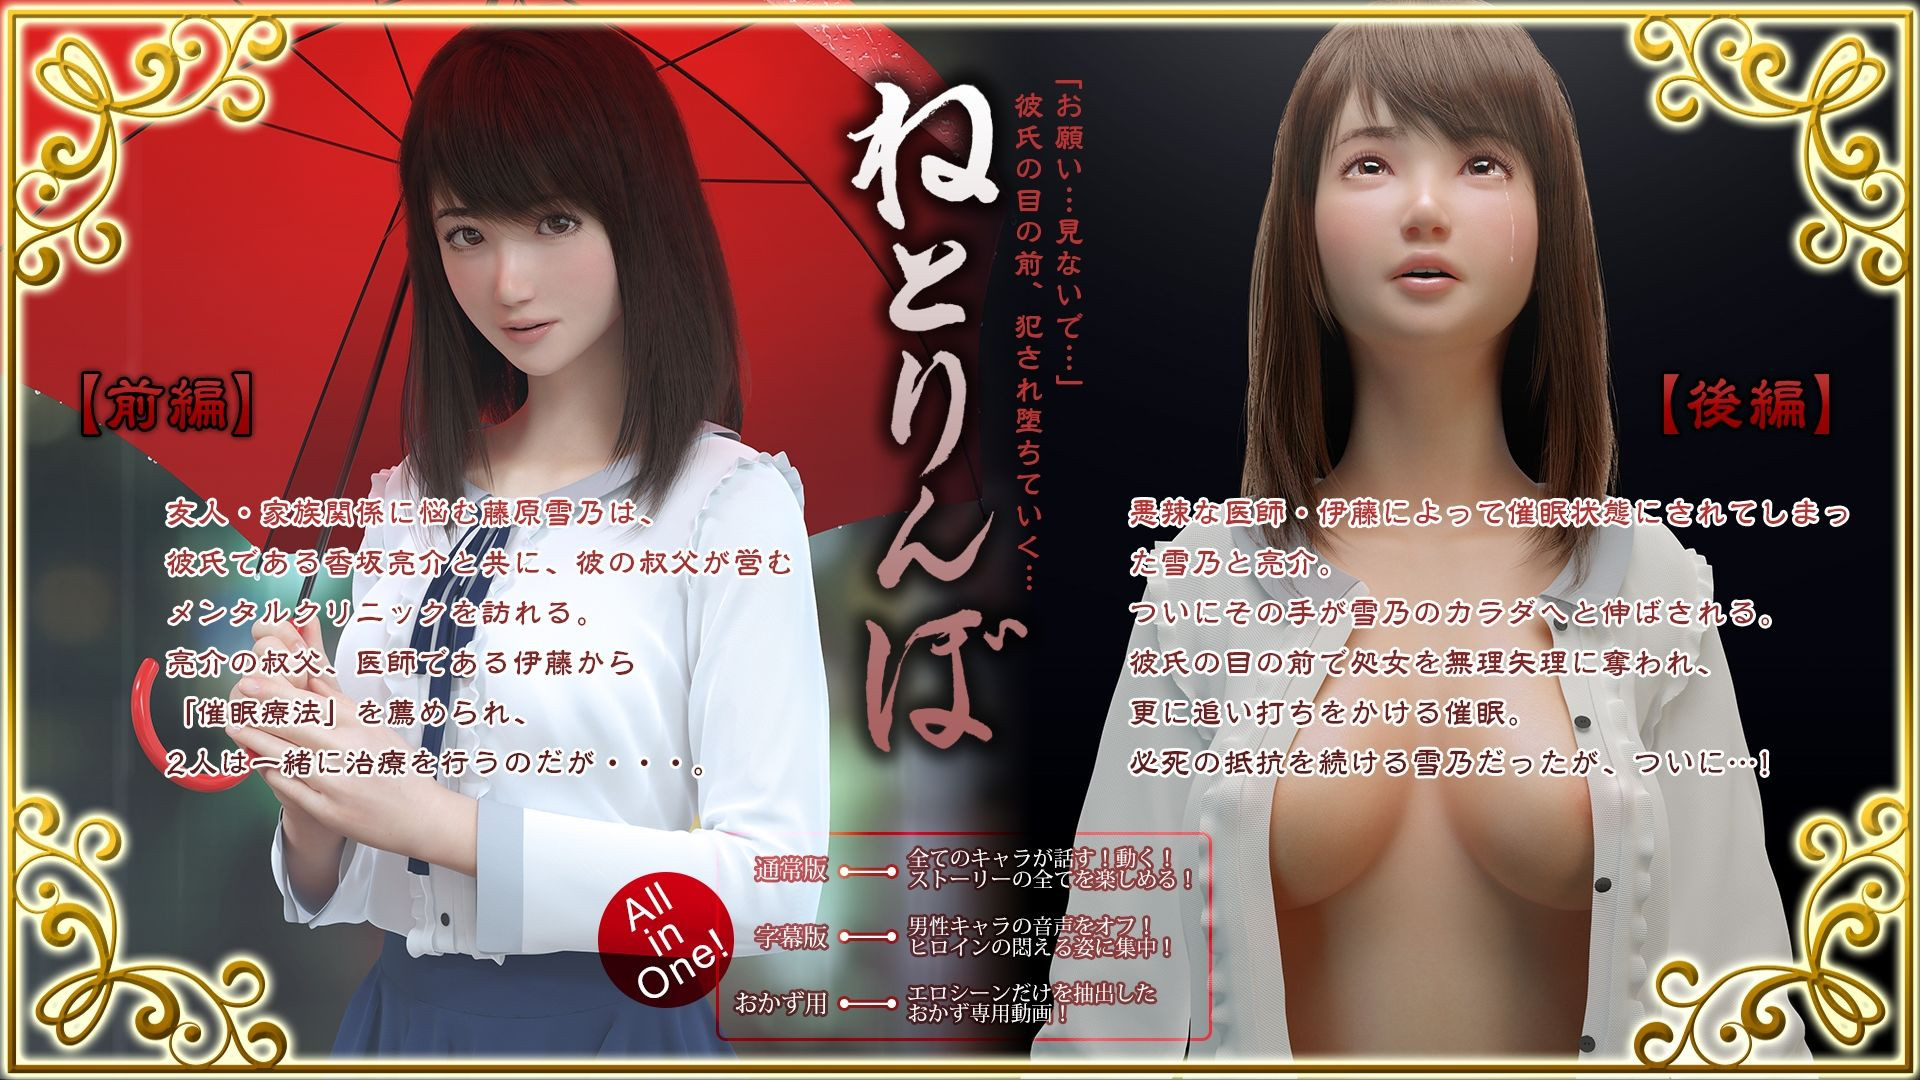 【3DCG】アトリエこぶ全作品集 同人活動13年分をまとめた3Dエロアニメ!#5